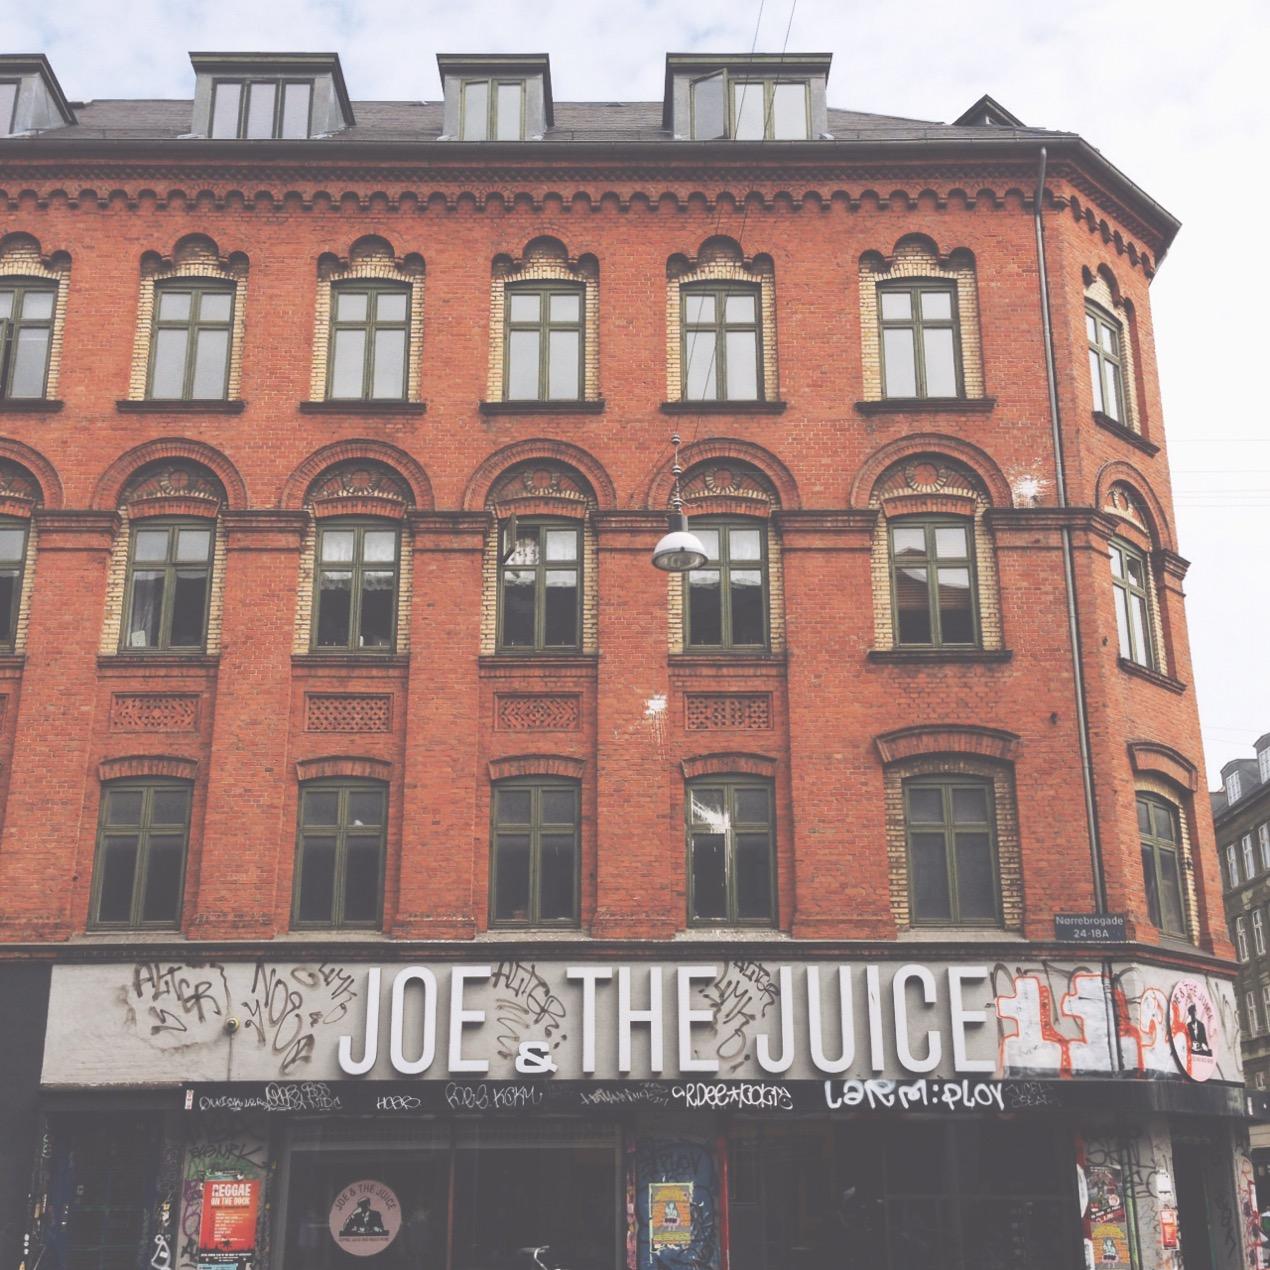 Kopenhagen weekendje 19 - joe and the juice